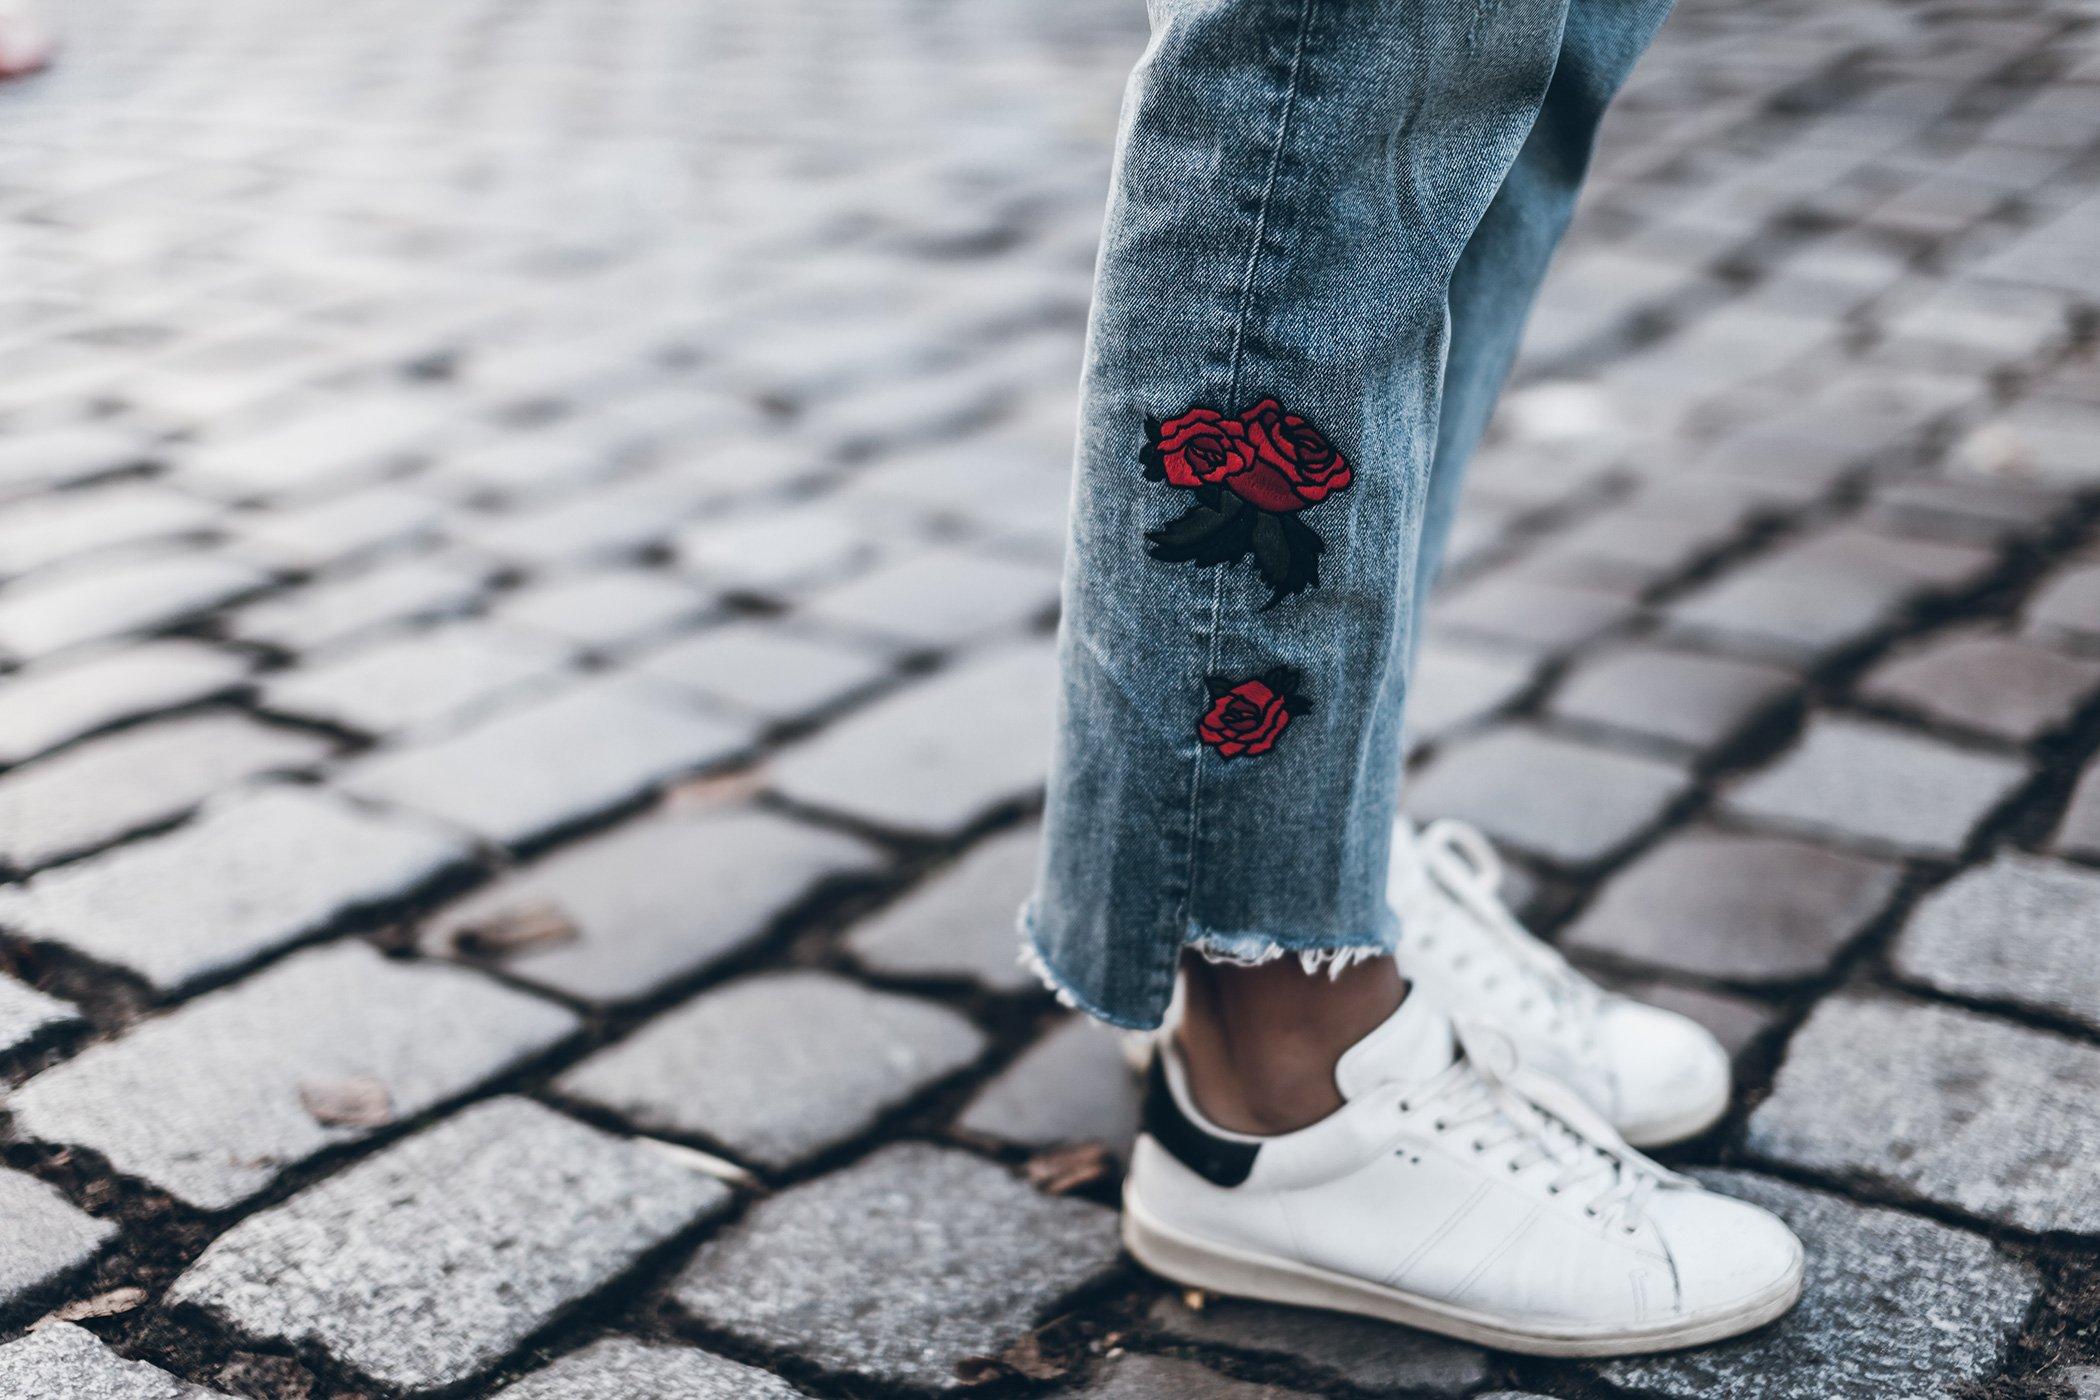 mikuta-revolve-chili-jeans-9